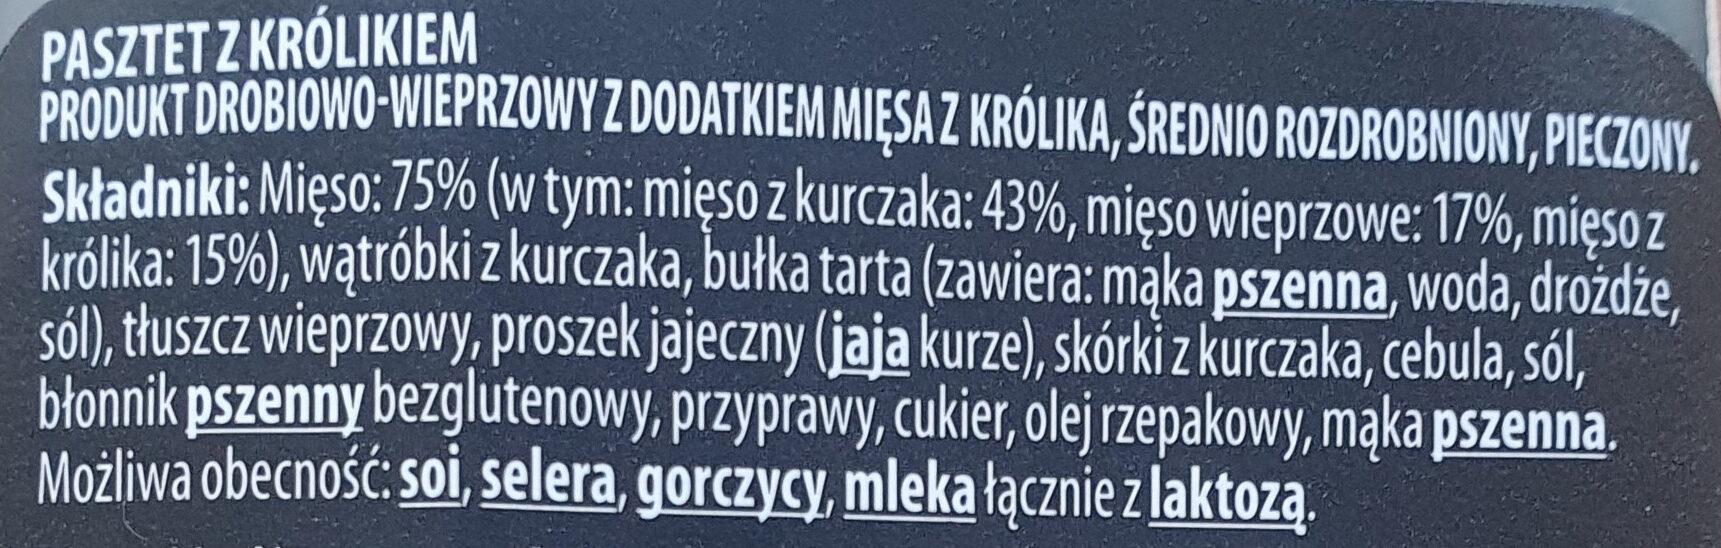 Pasztet z królikiem - Składniki - pl